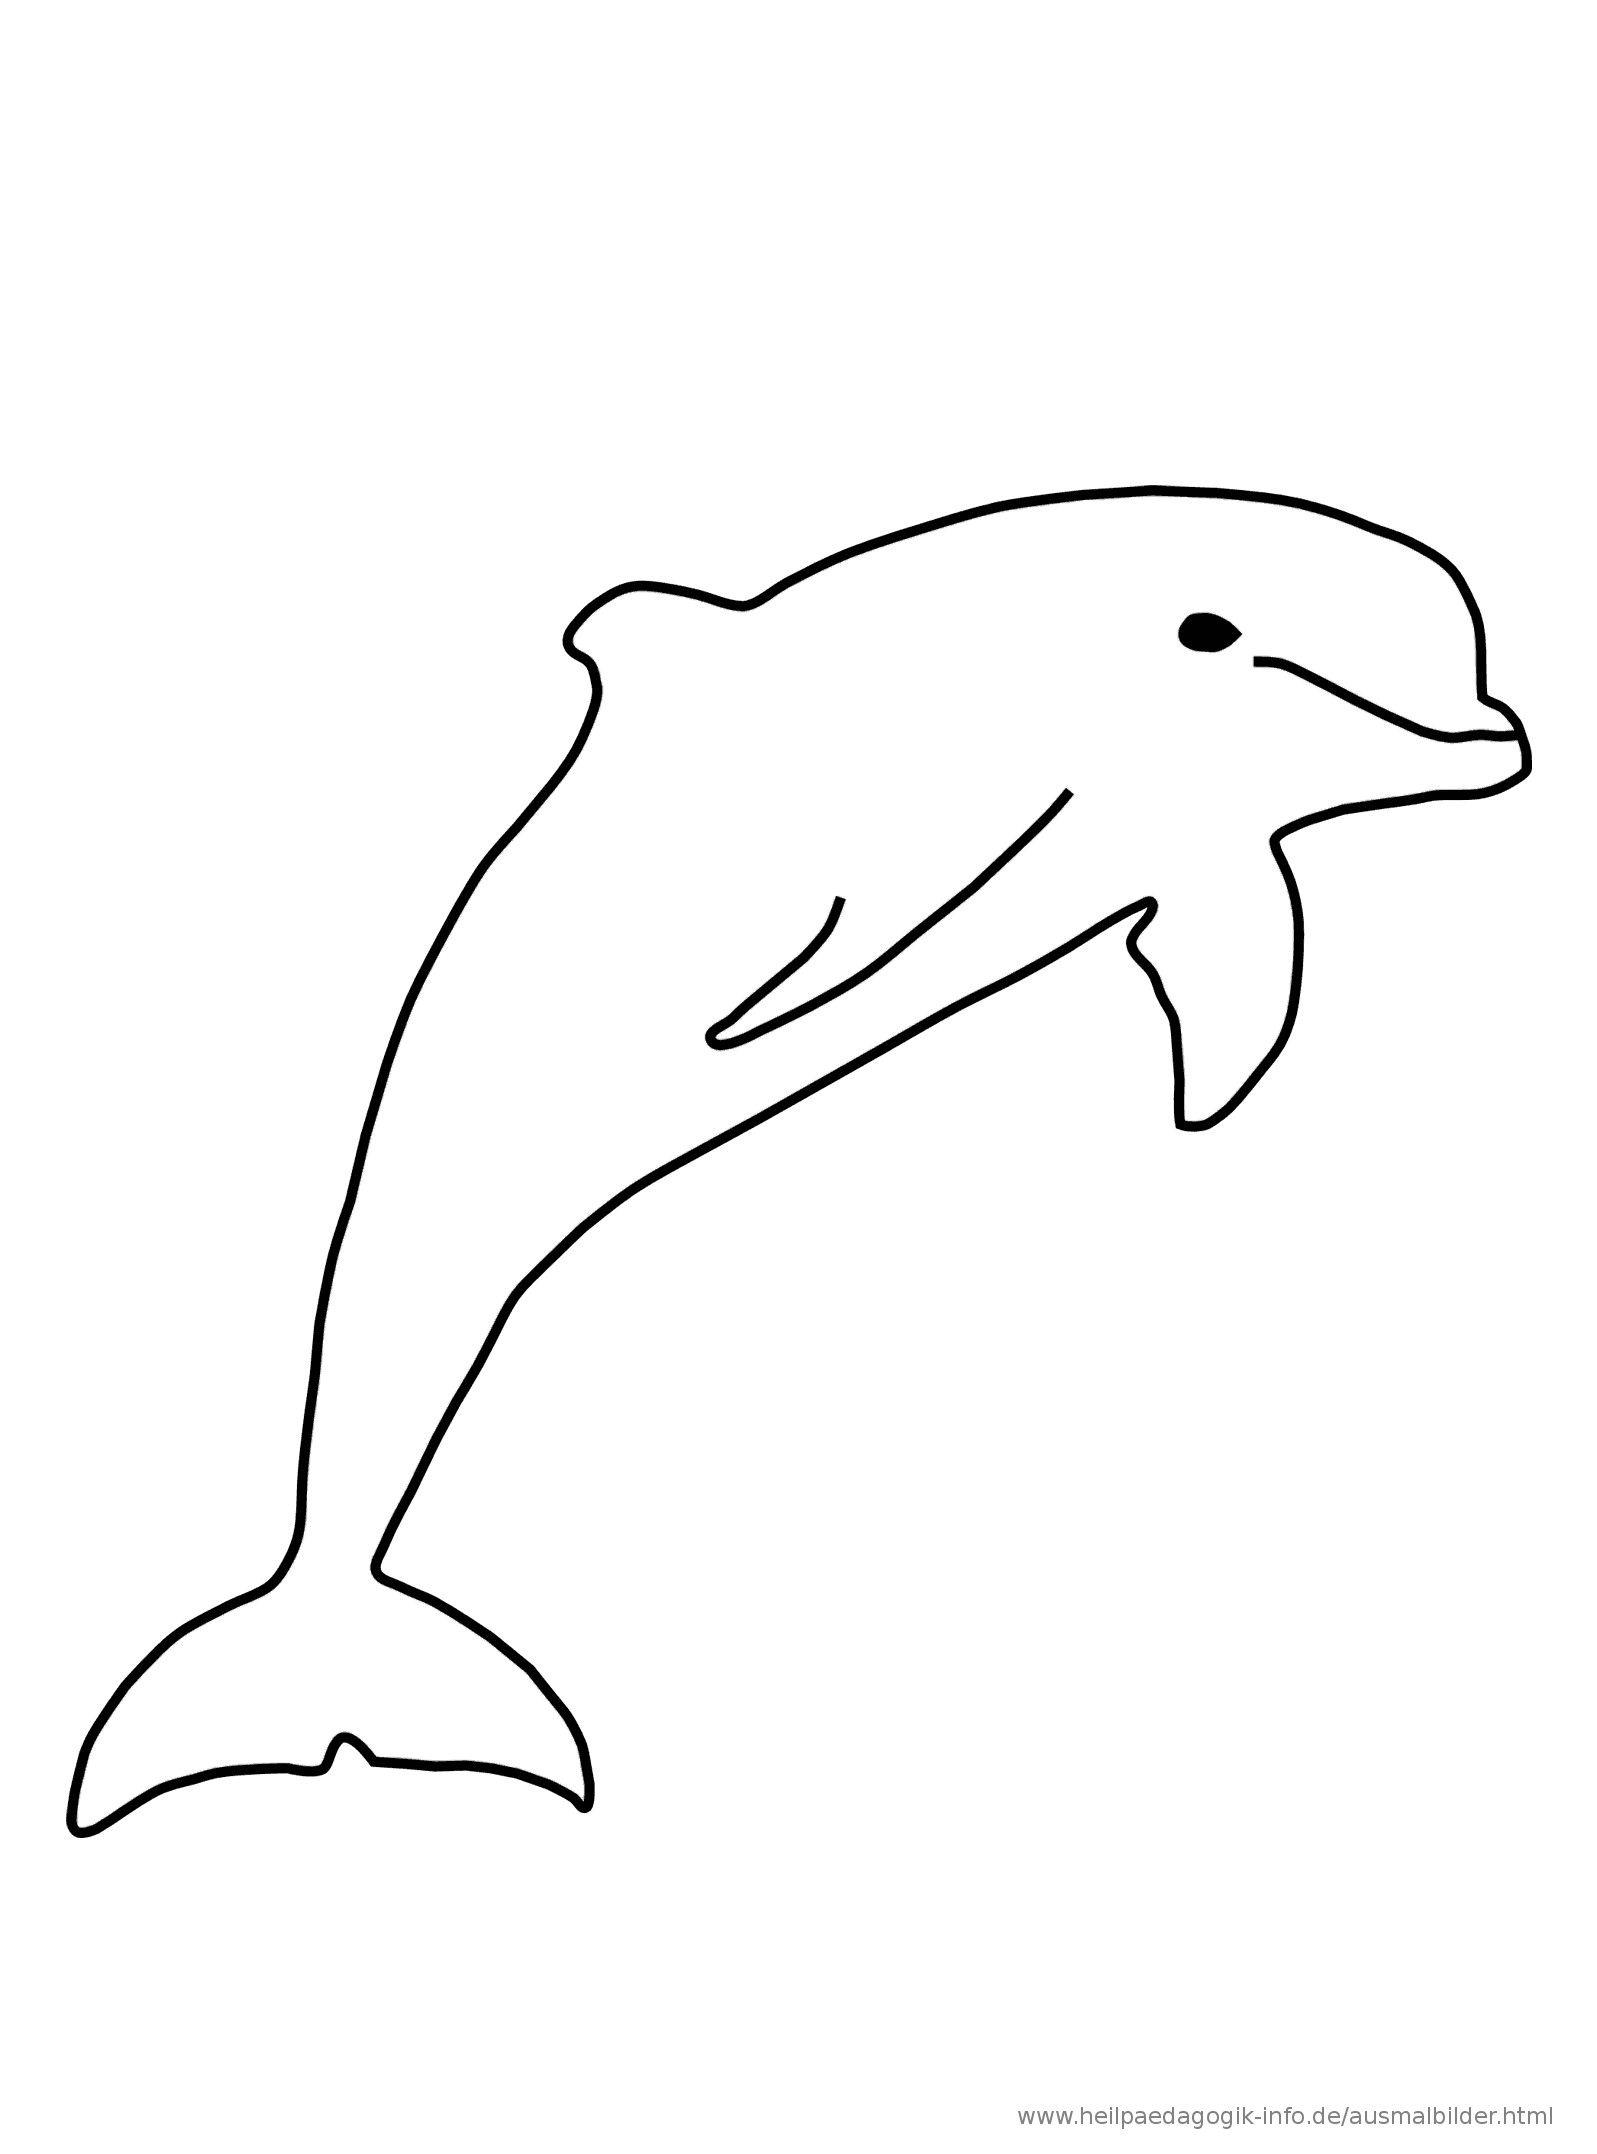 Delfin Ausmalbild | Ausmalbilder Delfine bei Delfin Ausmalbilder Zum Ausdrucken